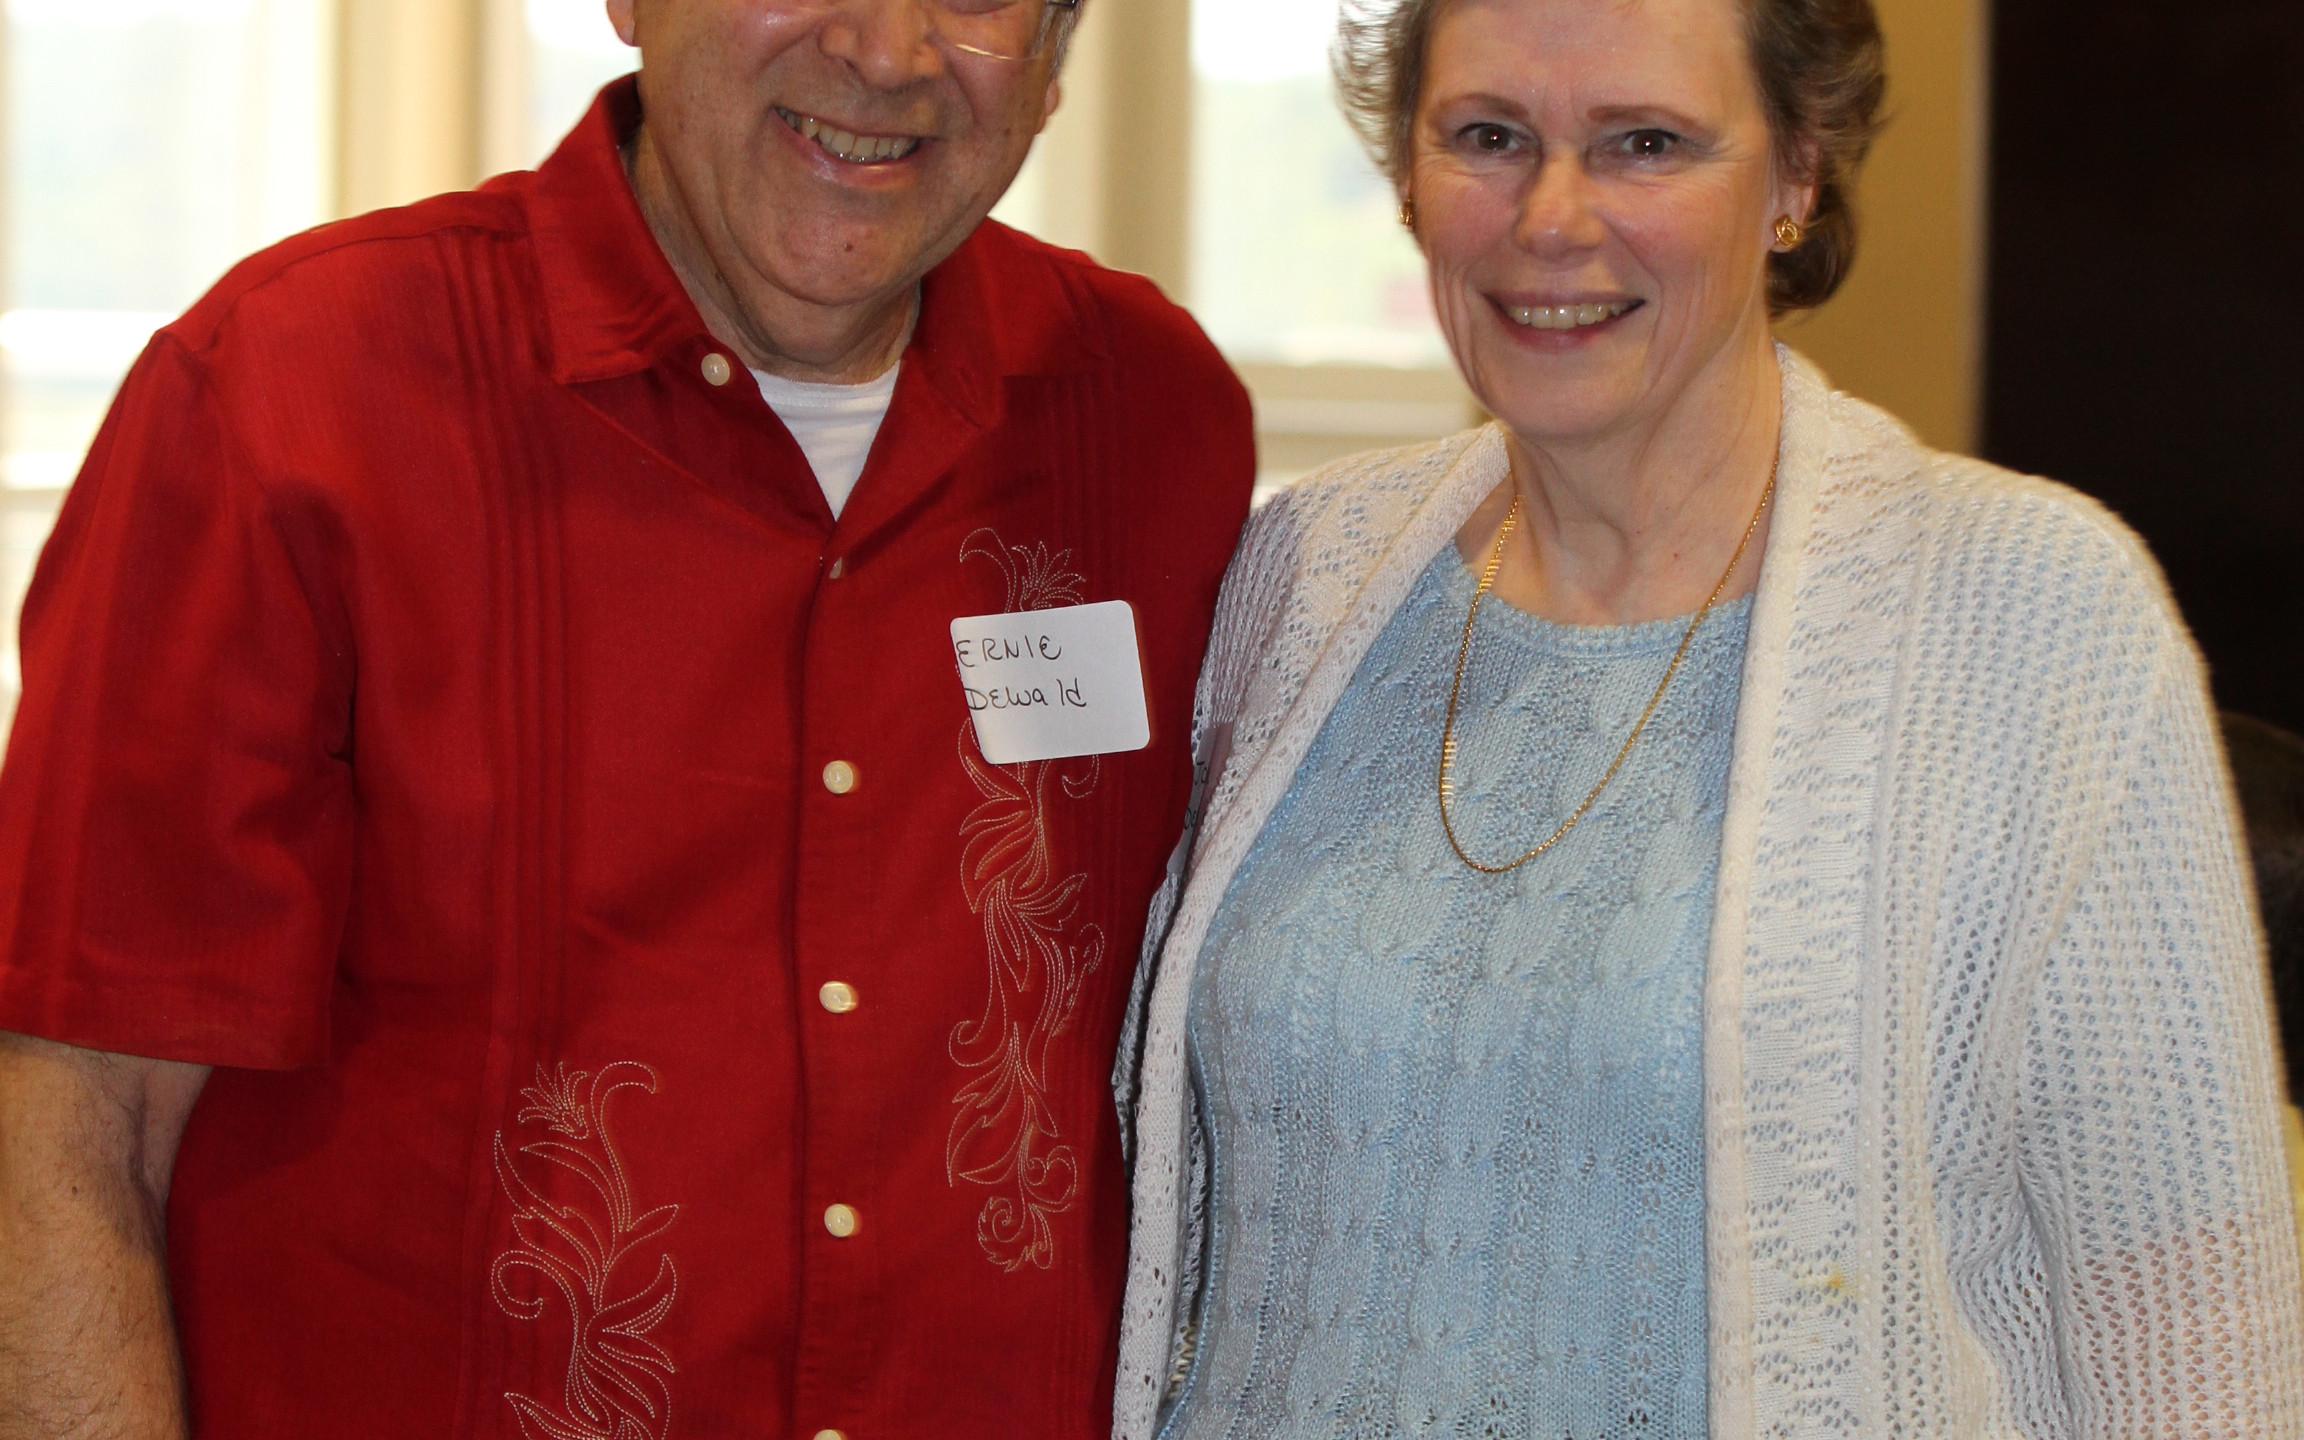 Ernie & Joan DeWald